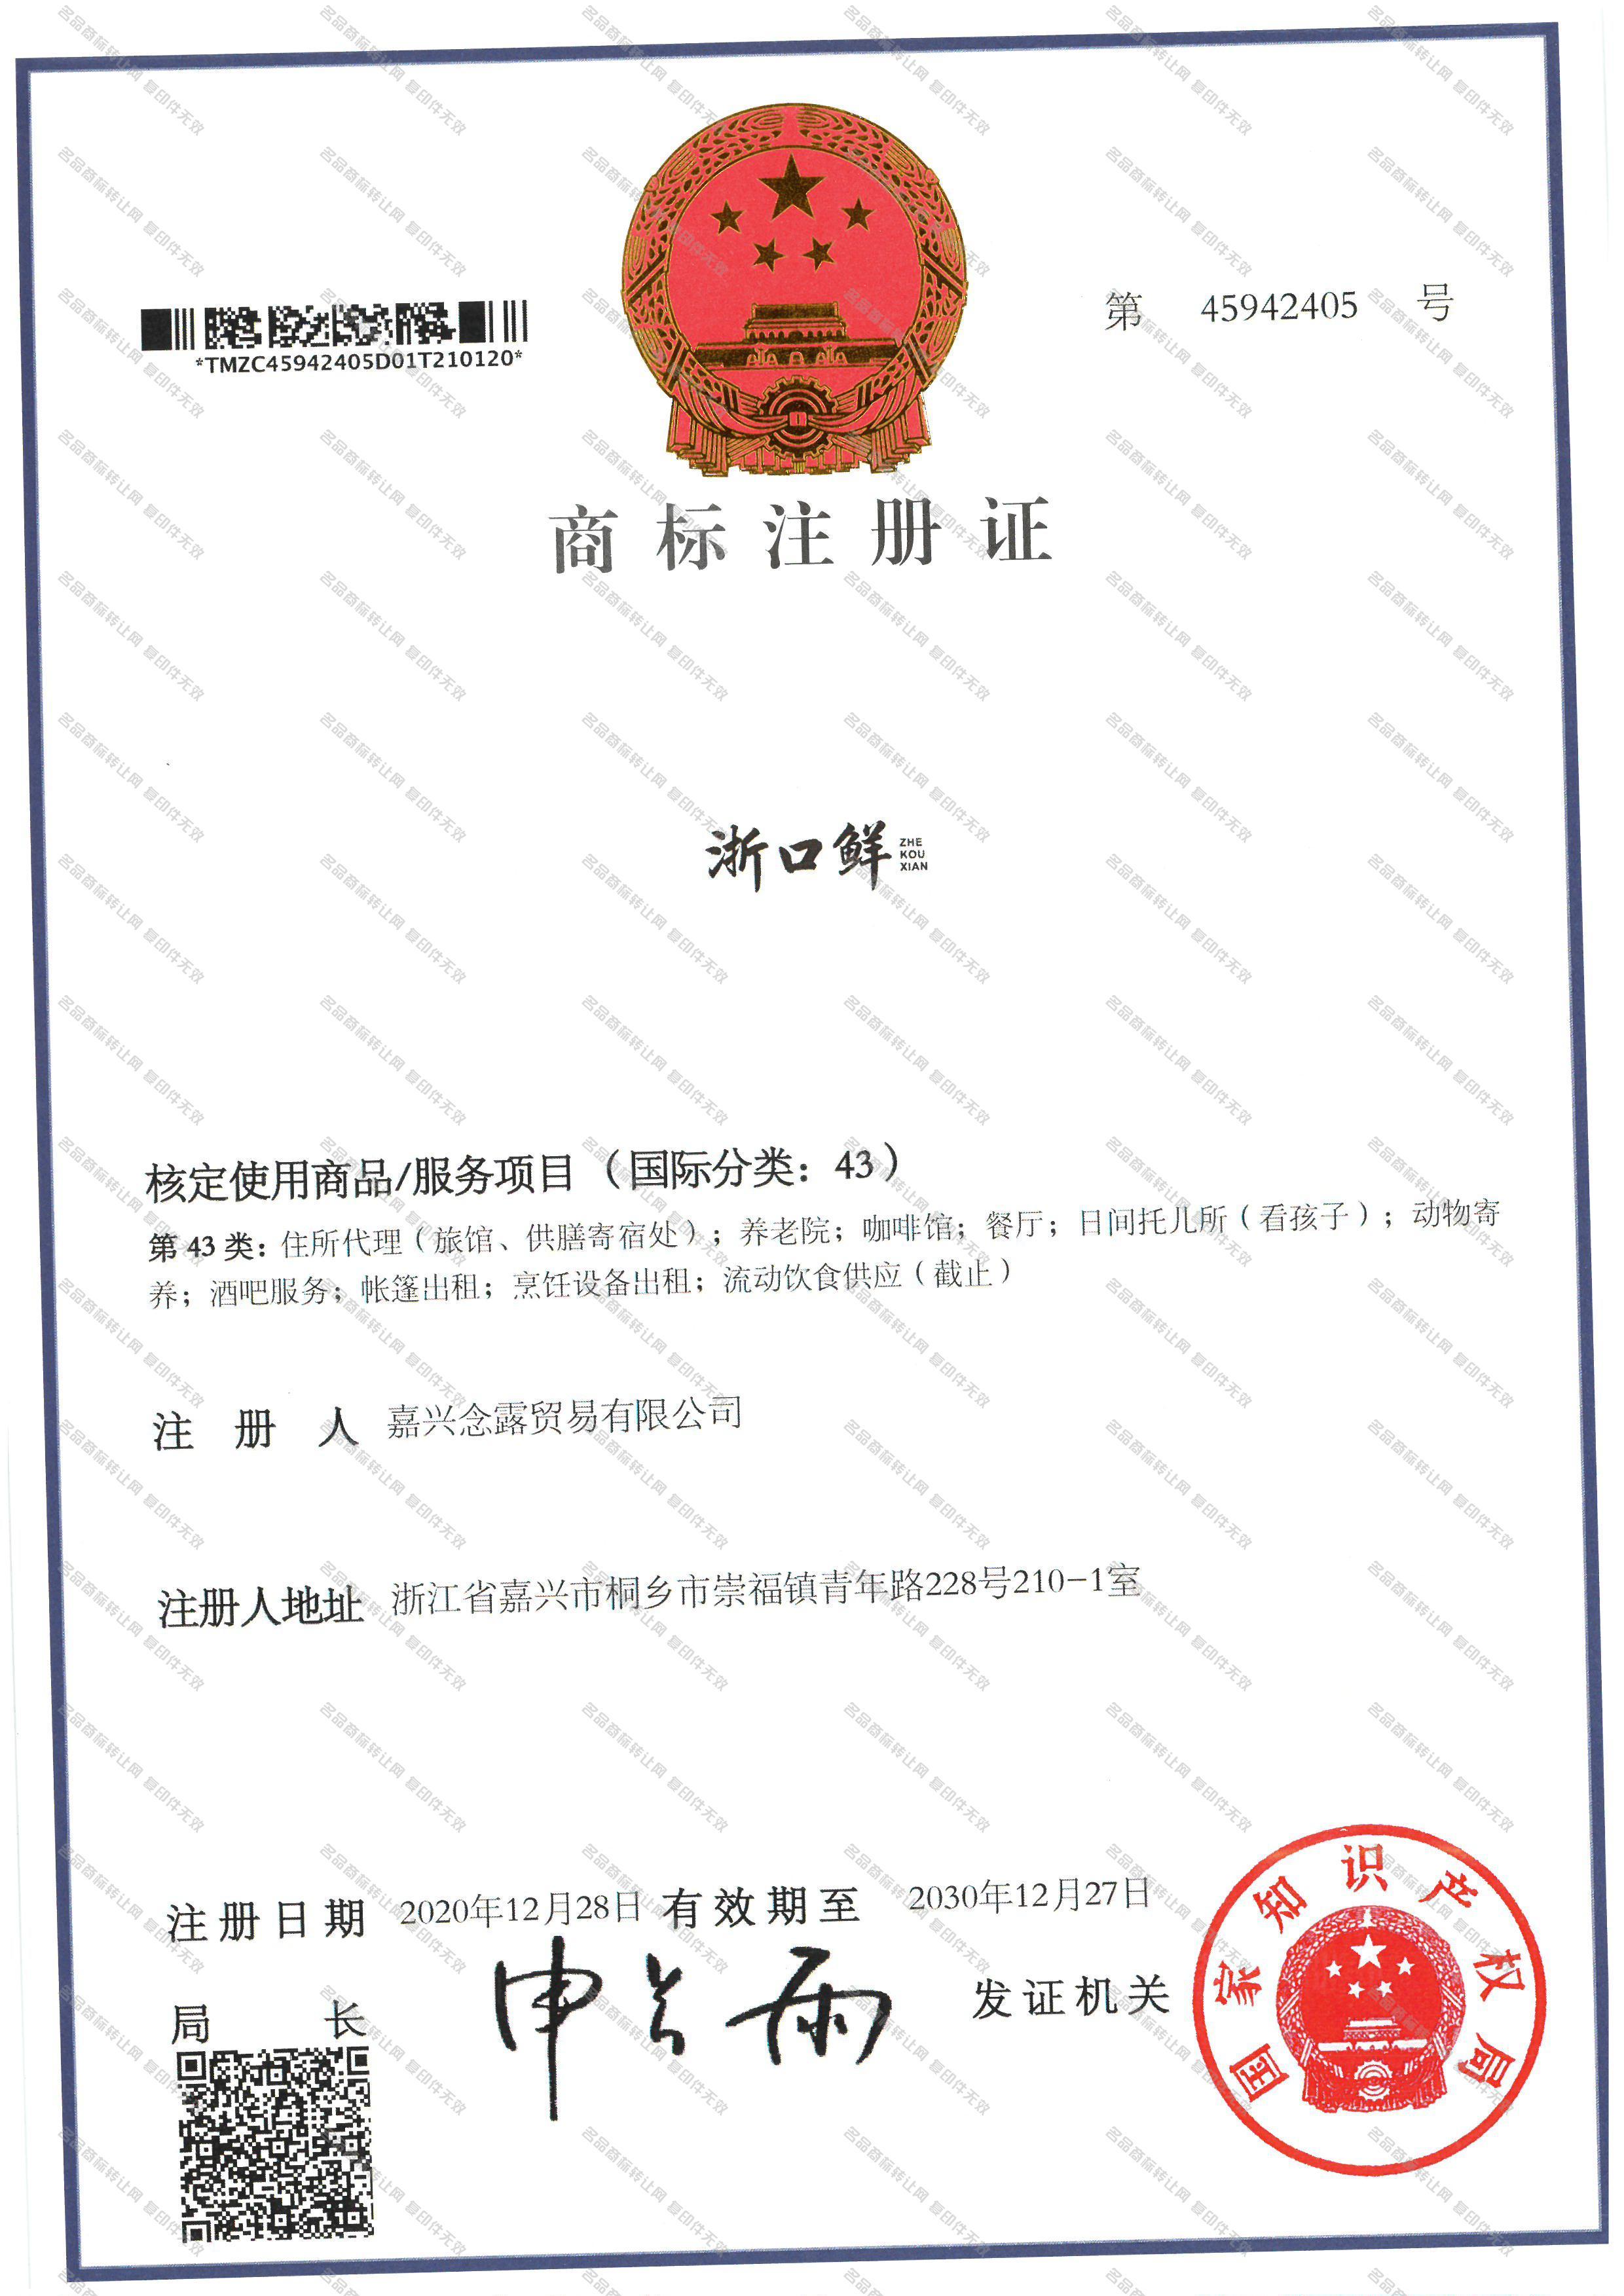 浙口鲜;ZHEKOUXIAN注册证